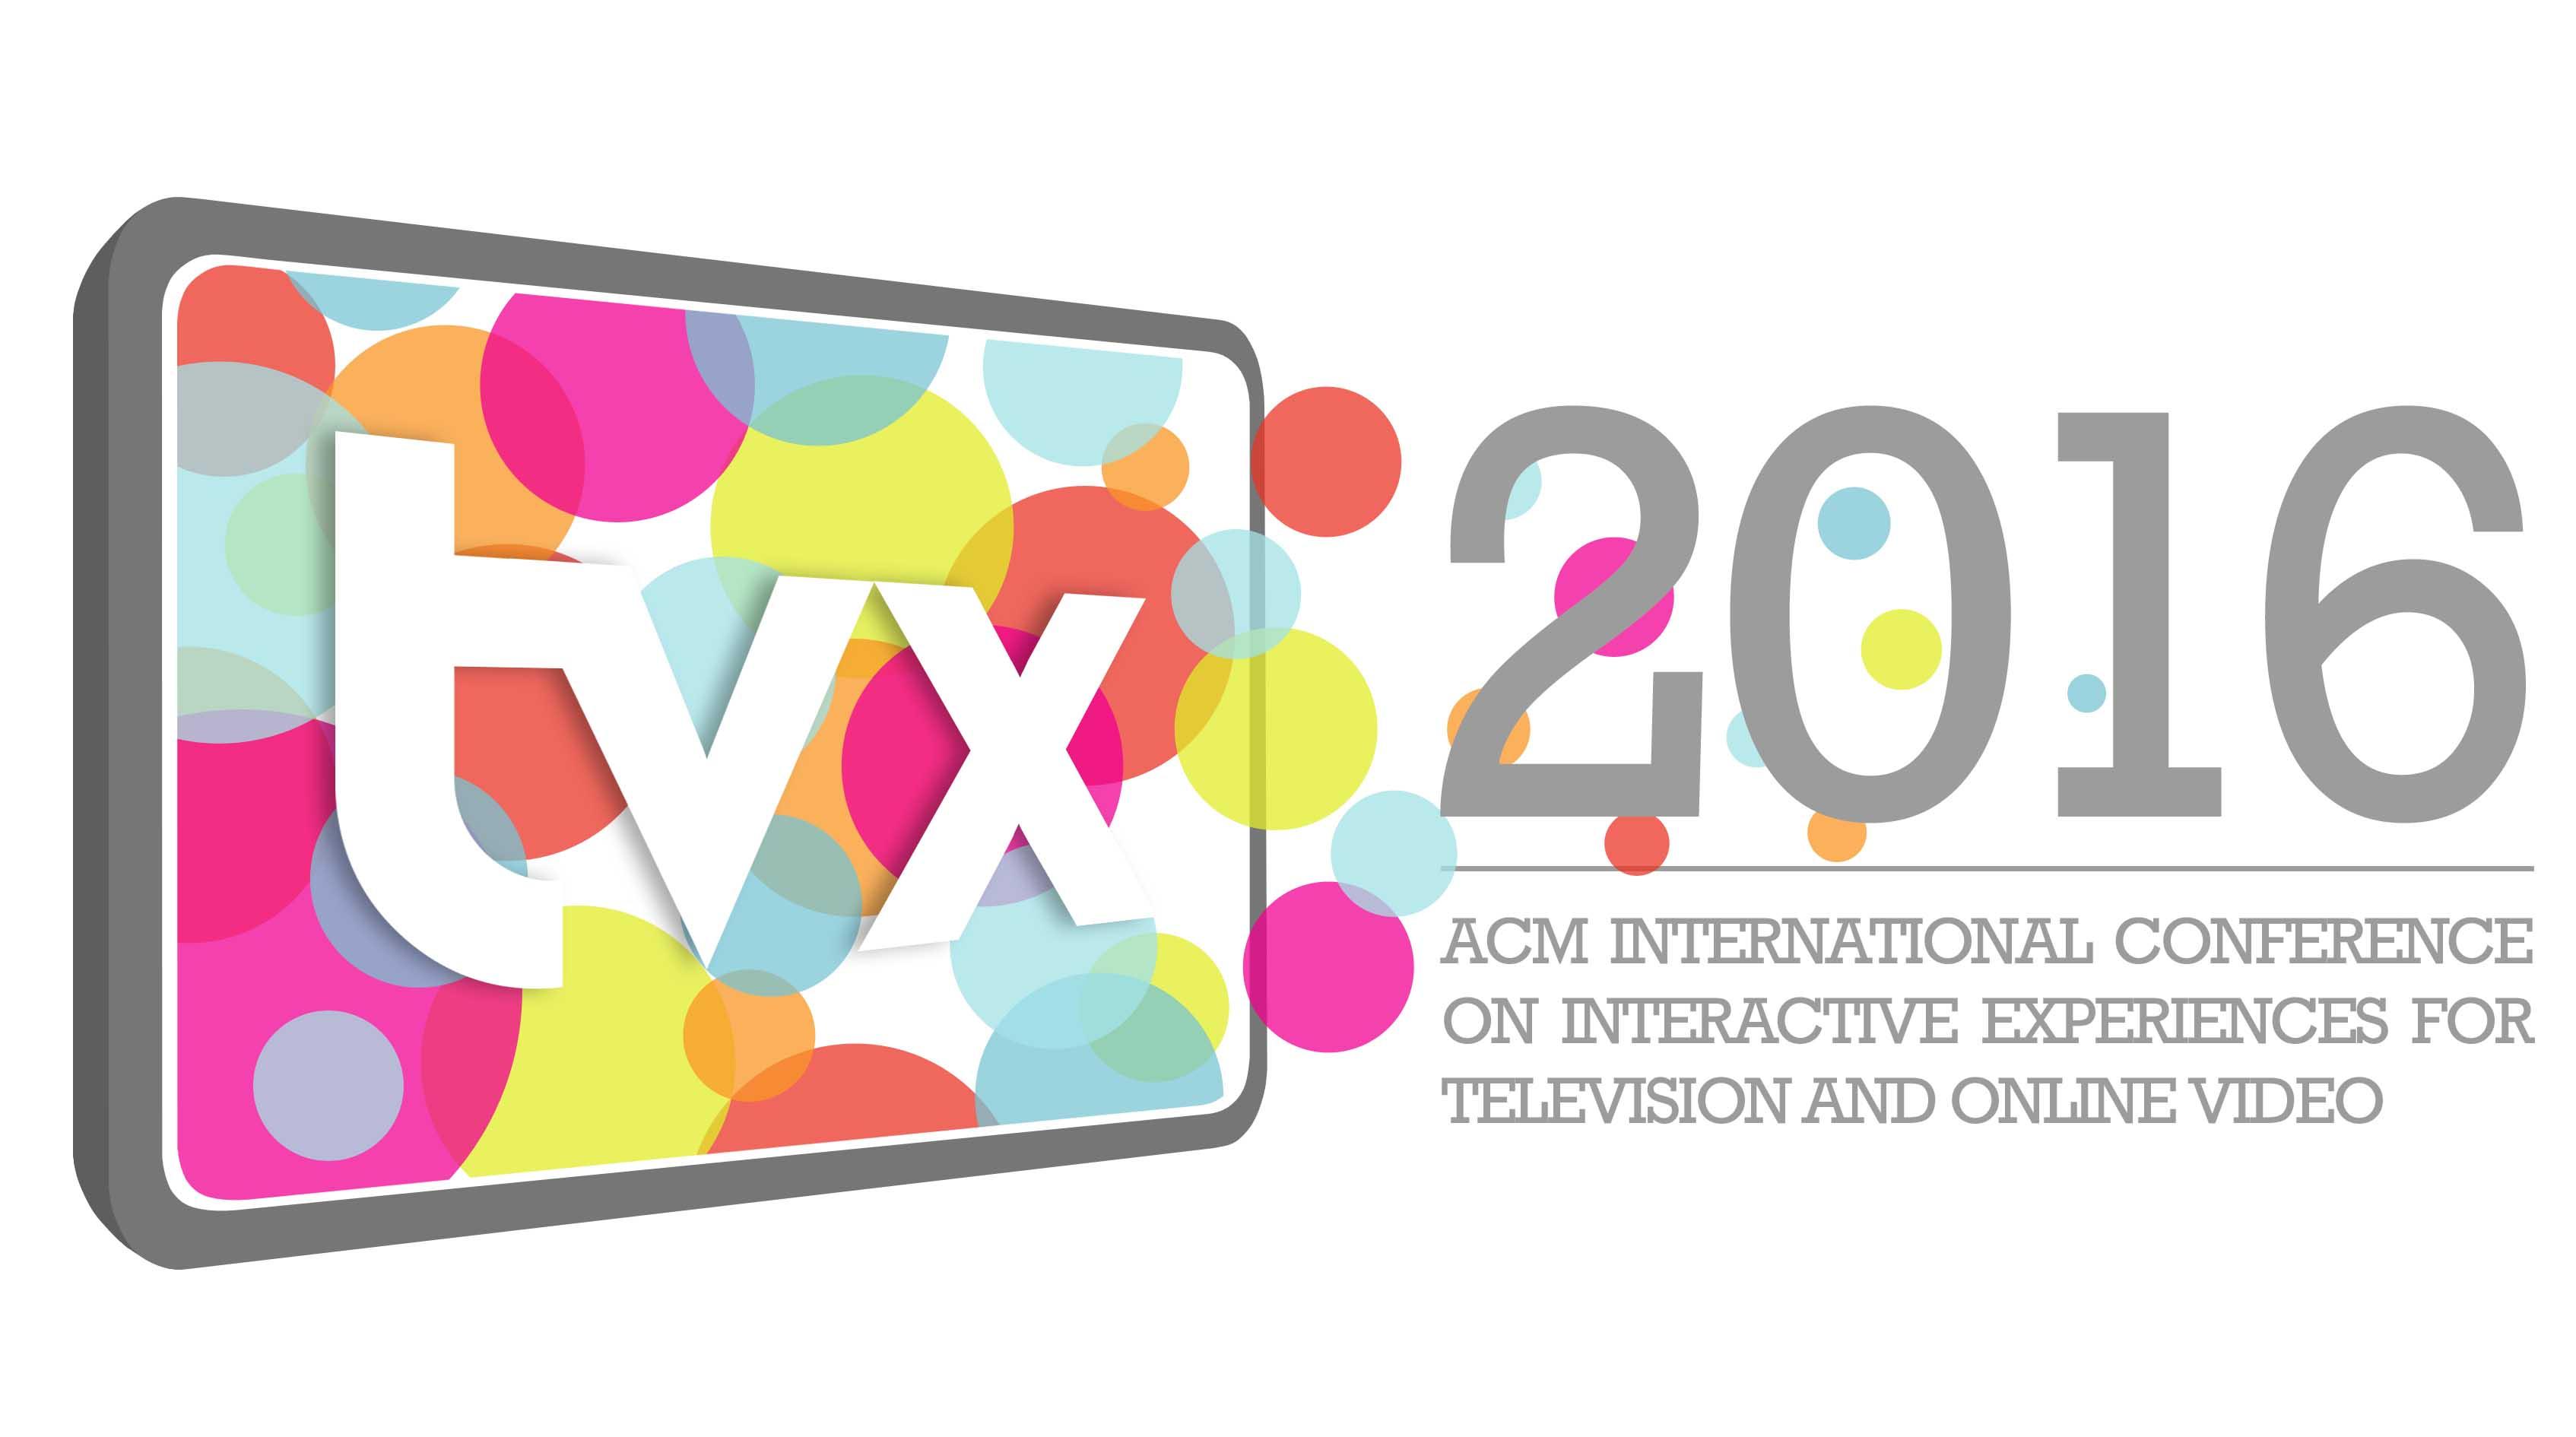 ACM TVX 2016 Santosh Basapur